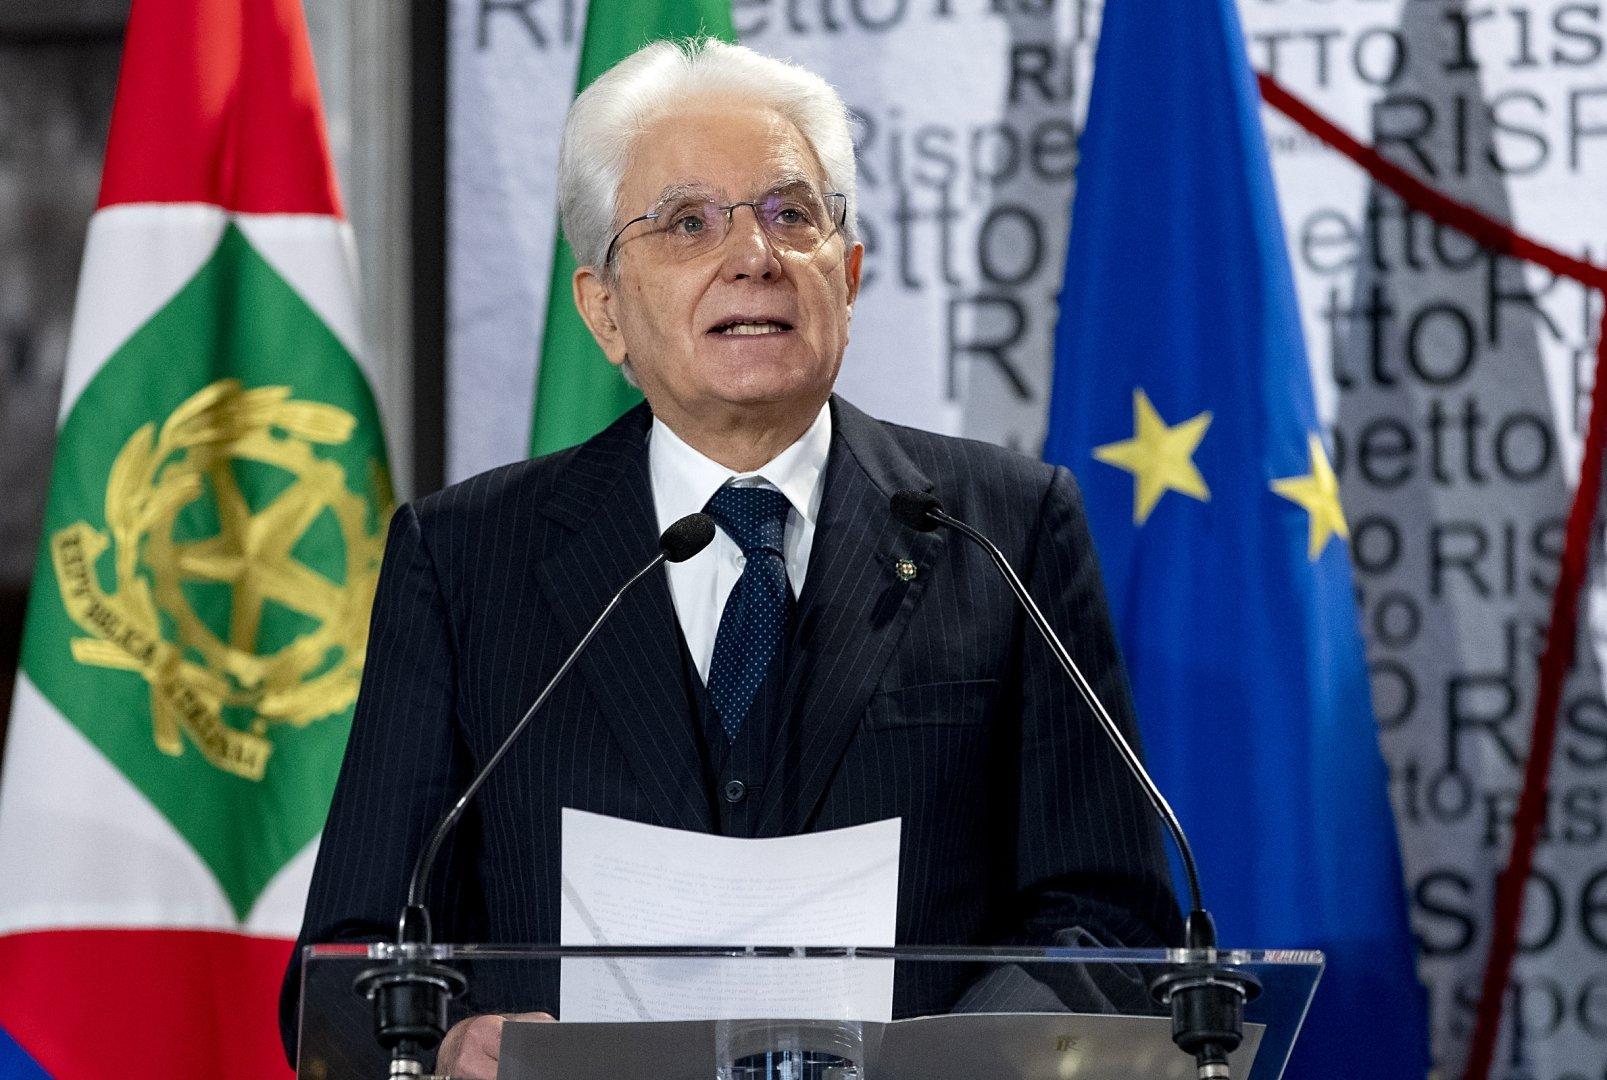 Le cattive amicizie del Presidente Sergio Mattarella